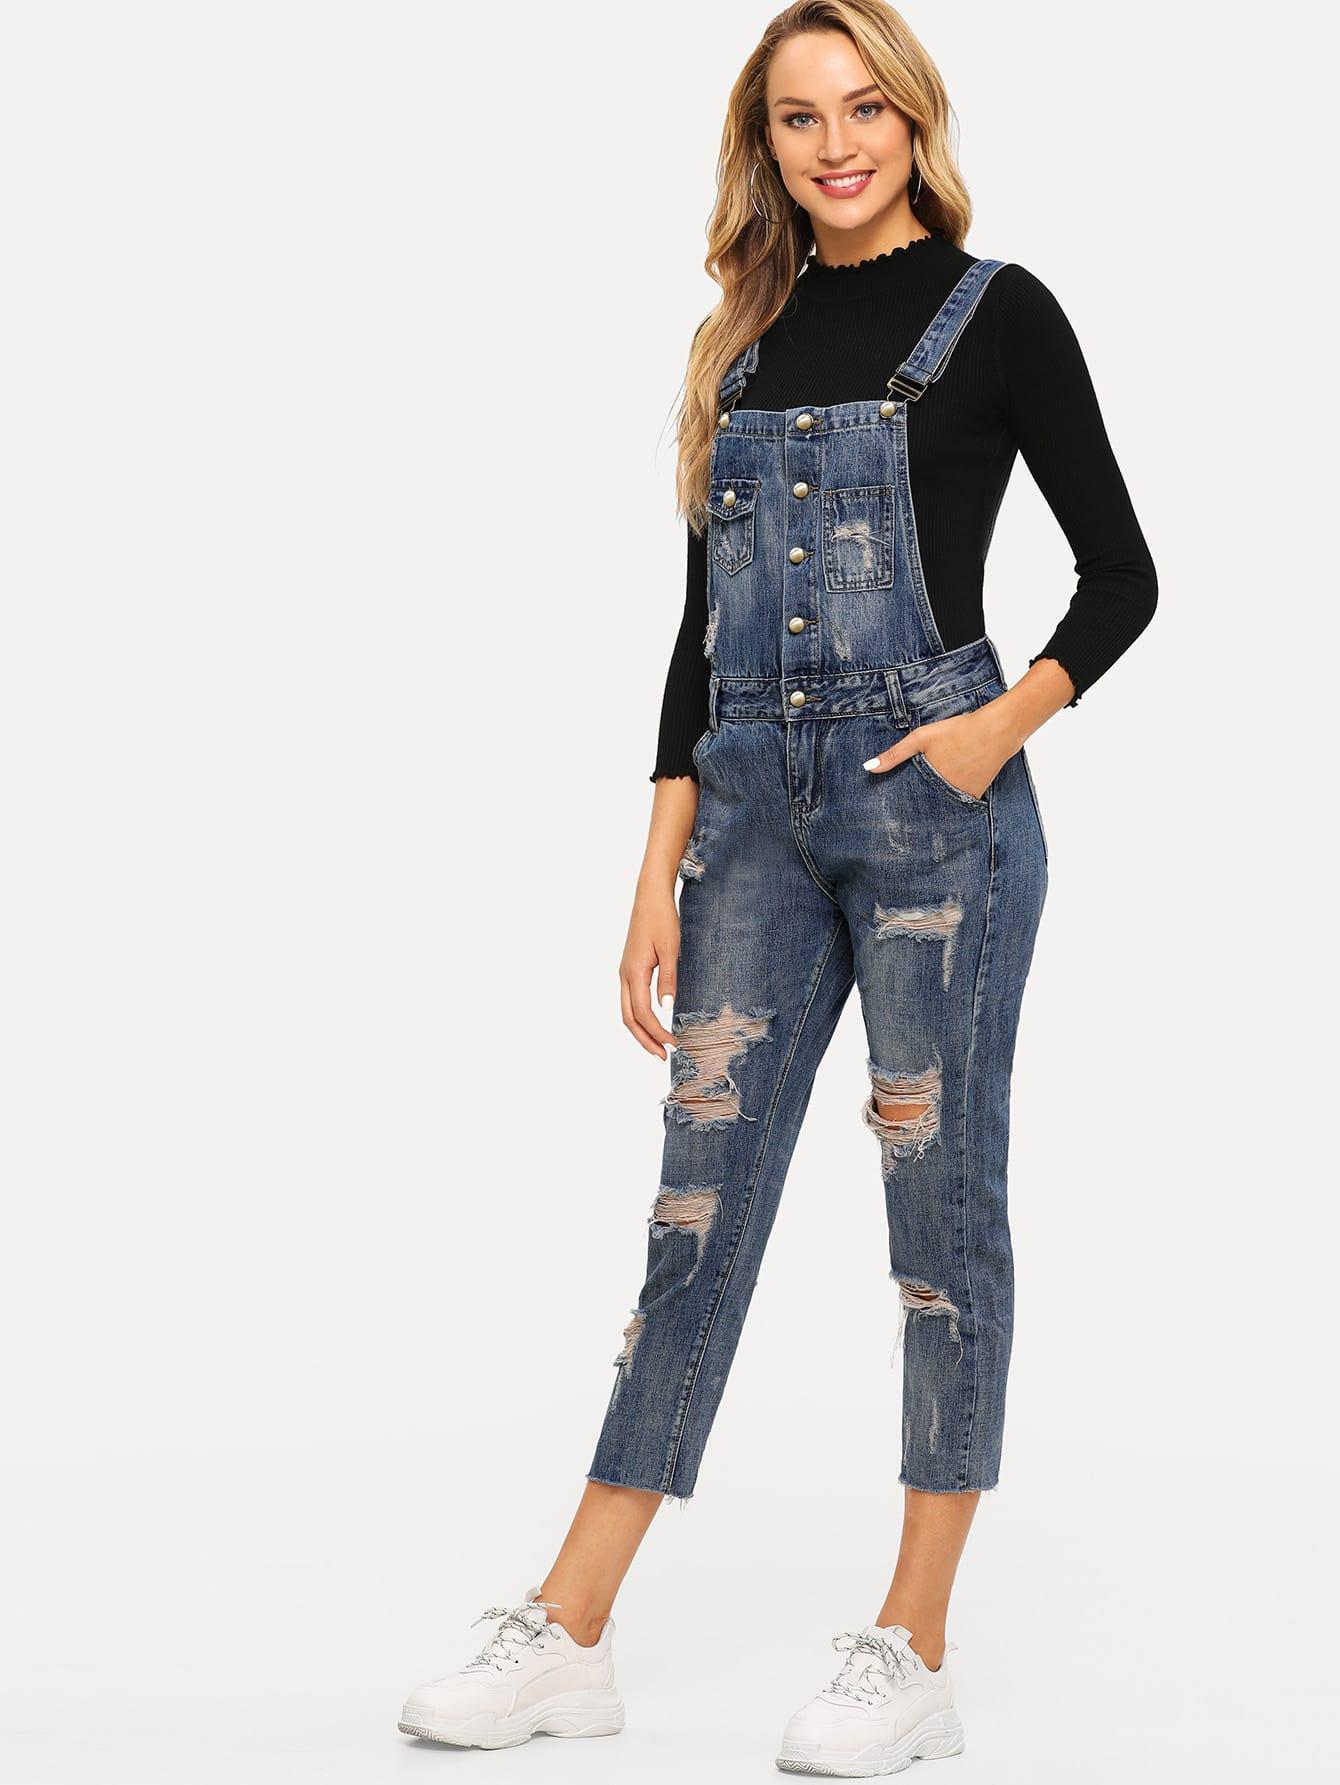 Купить Рваный джинсовый комбинезон, Sasa, SheIn